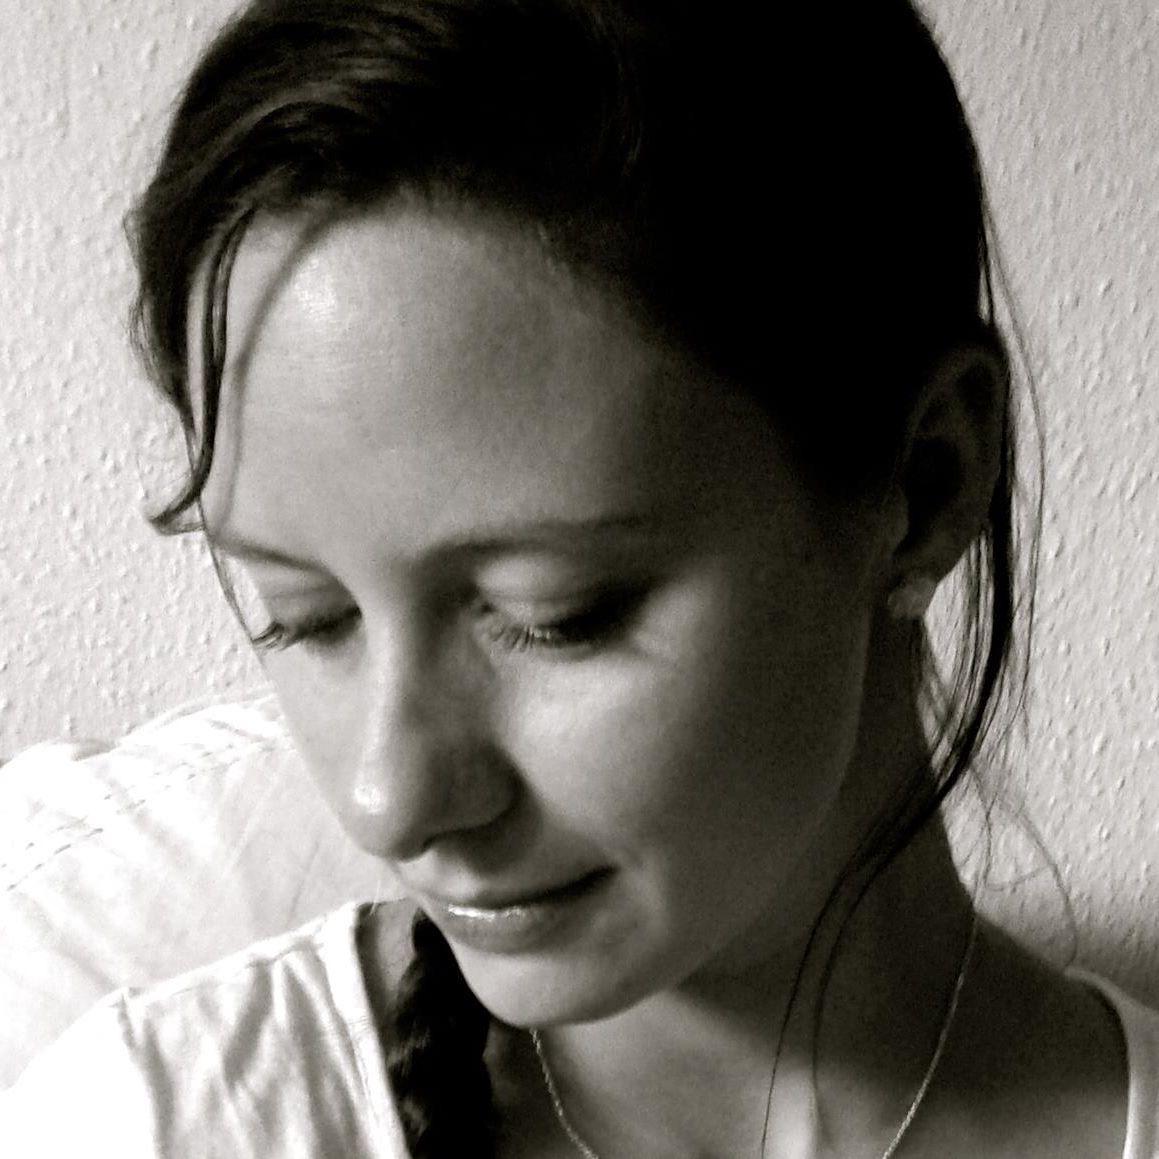 Marie Skovbo